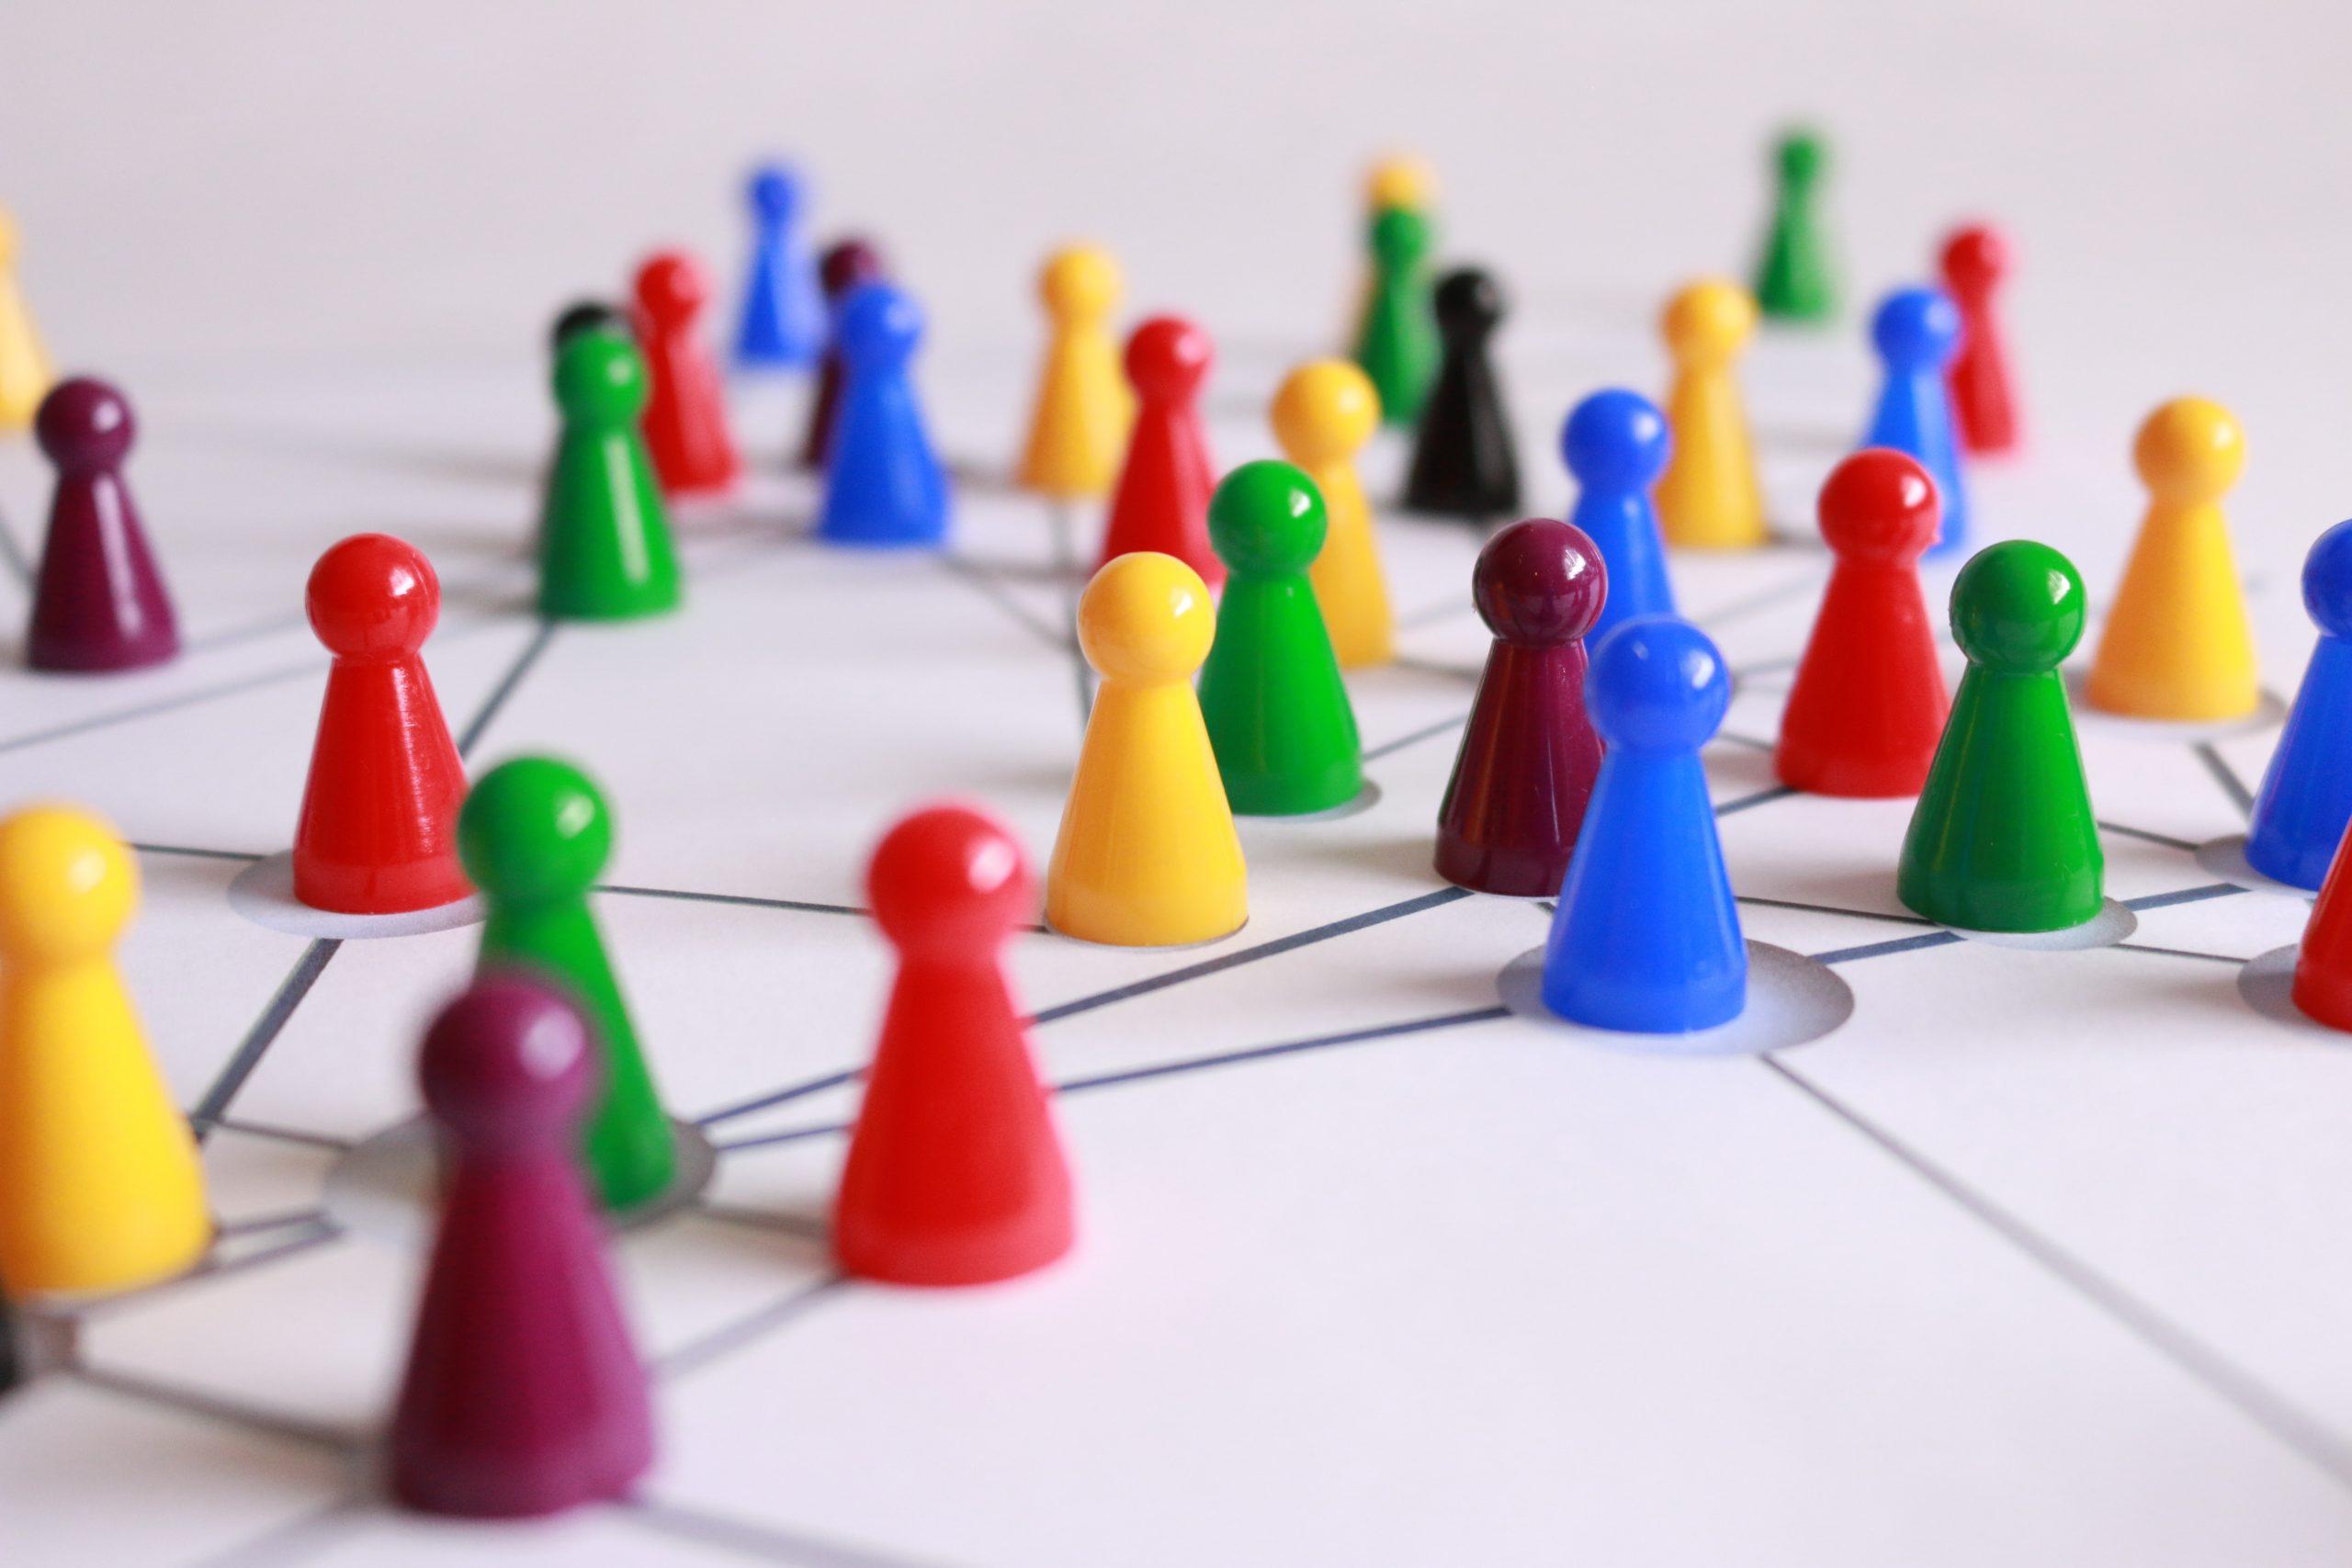 Quando a municipalização compromete a universalidade no acesso aos serviços públicos